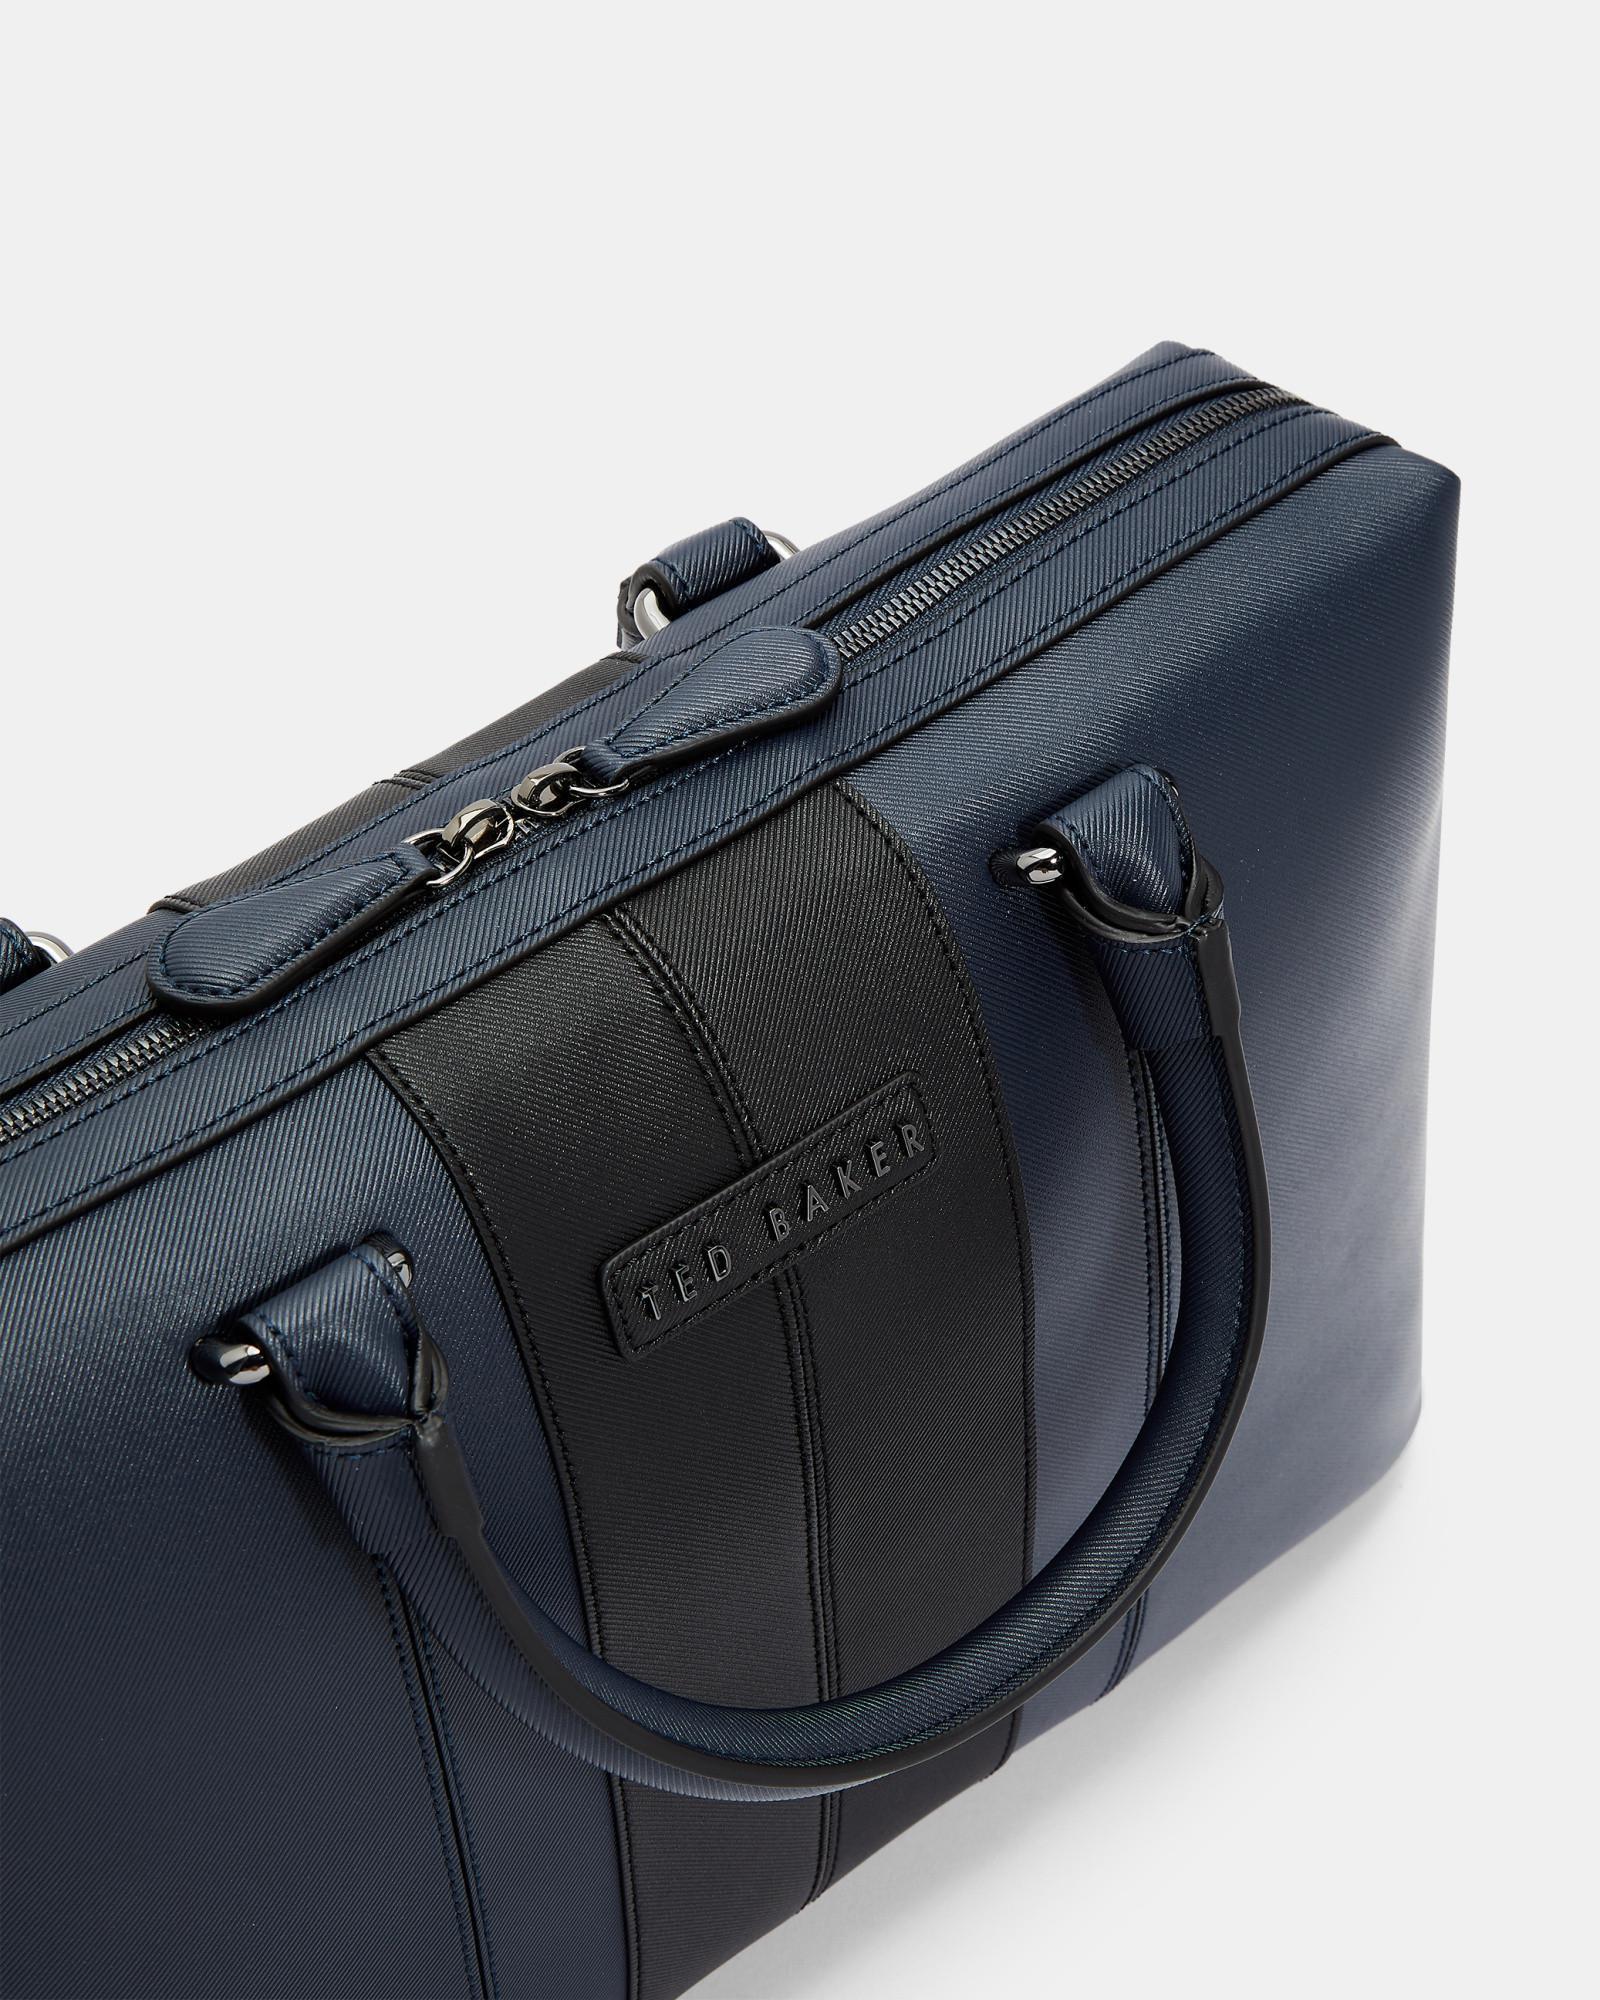 Lyst - Ted Baker Twill Document Bag in Blue for Men 170f8867da296